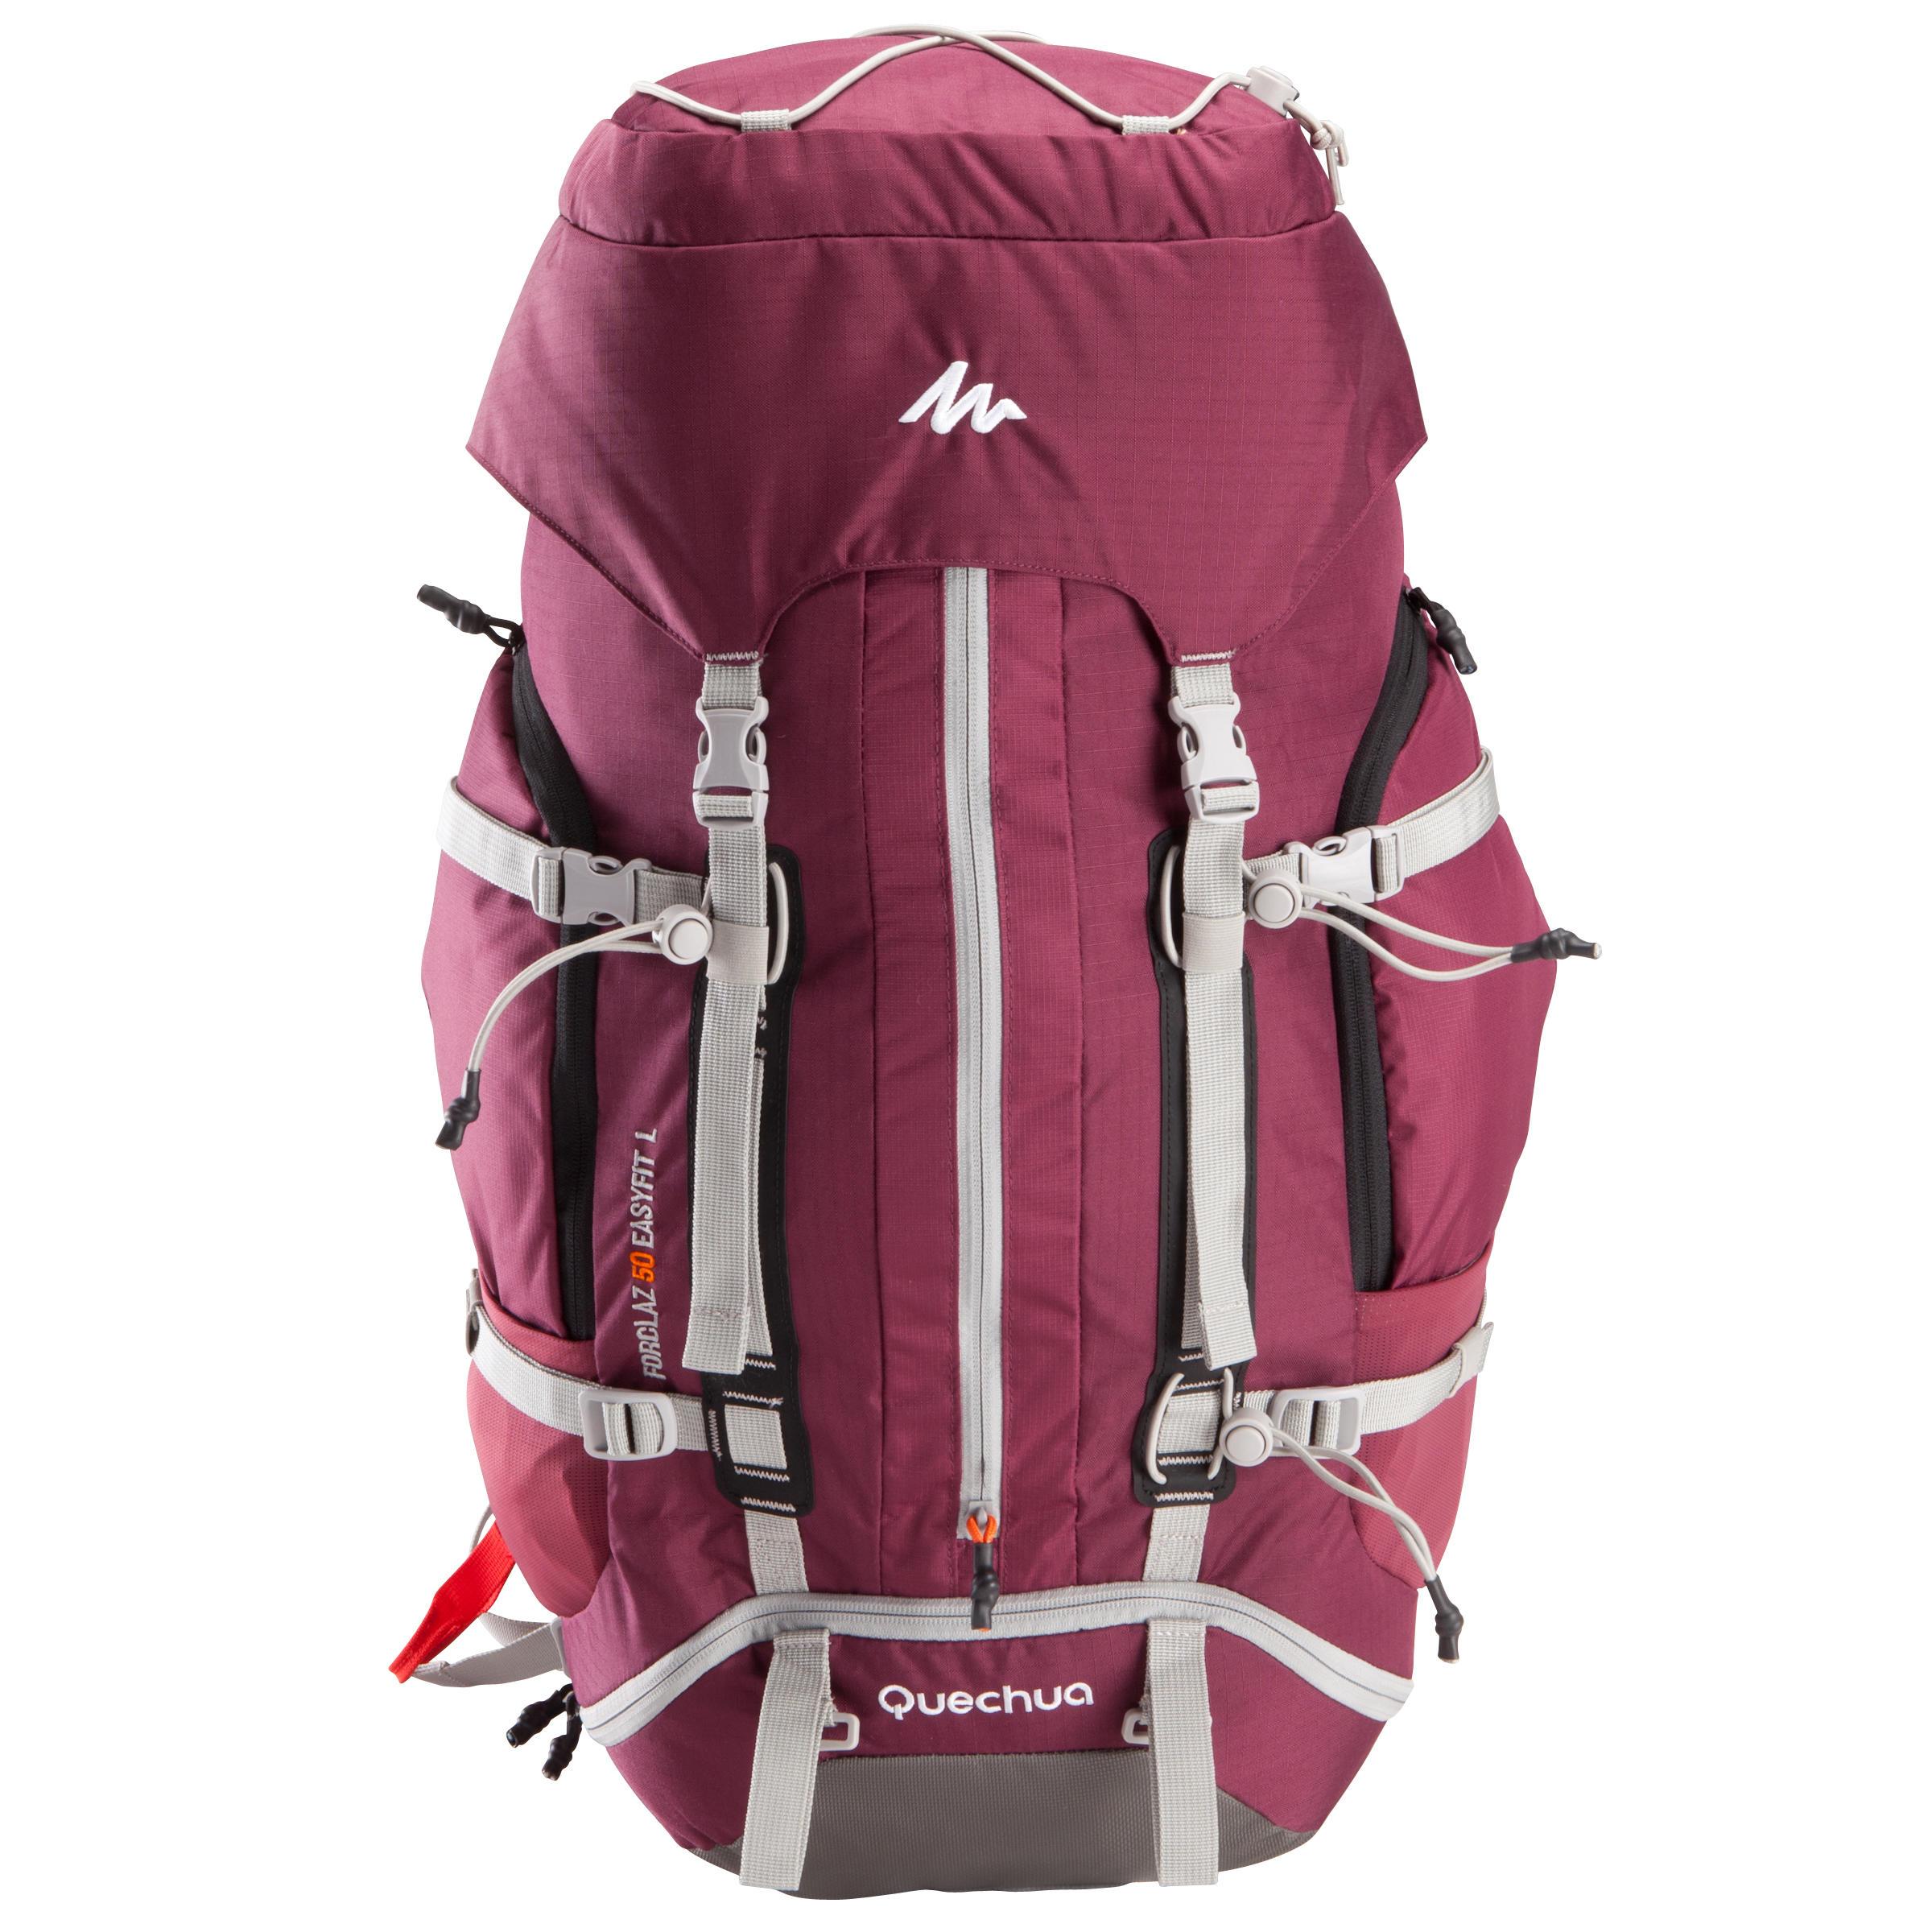 3a68acff63 Sac à dos Trekking montagne 50 l EASYFIT femme violet